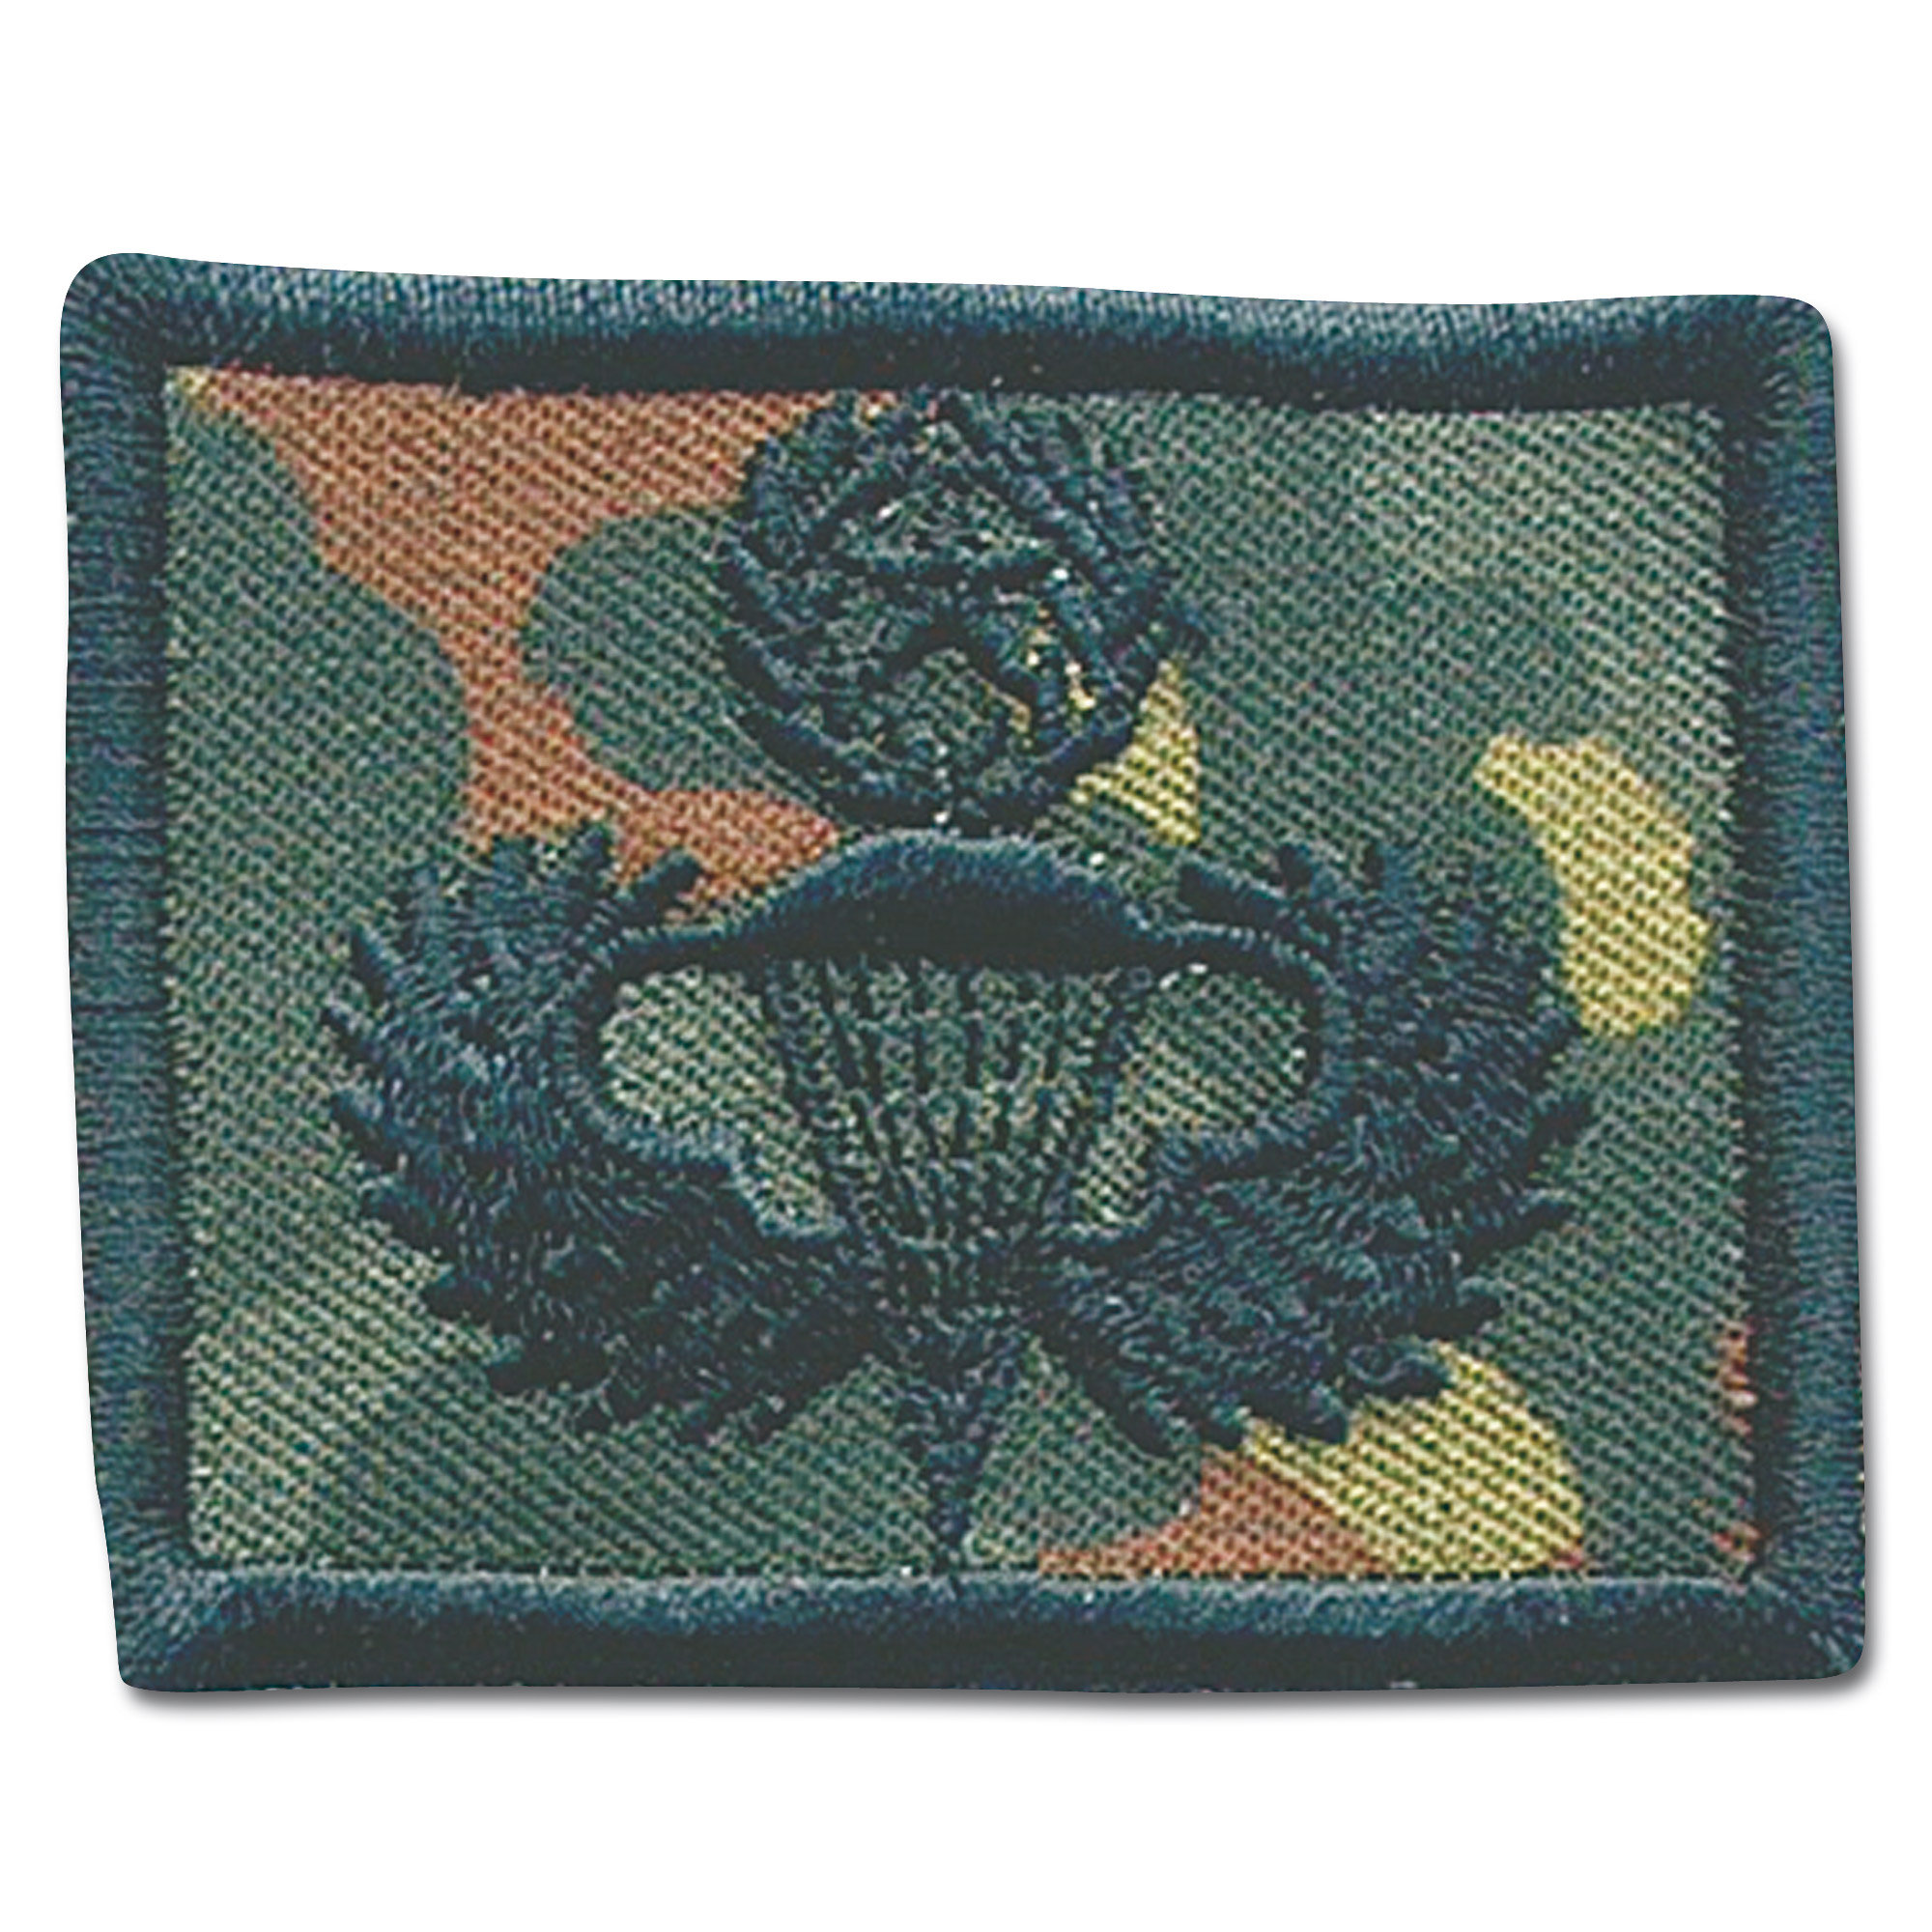 Patch U.S. Airborne Jump Master flecktarn